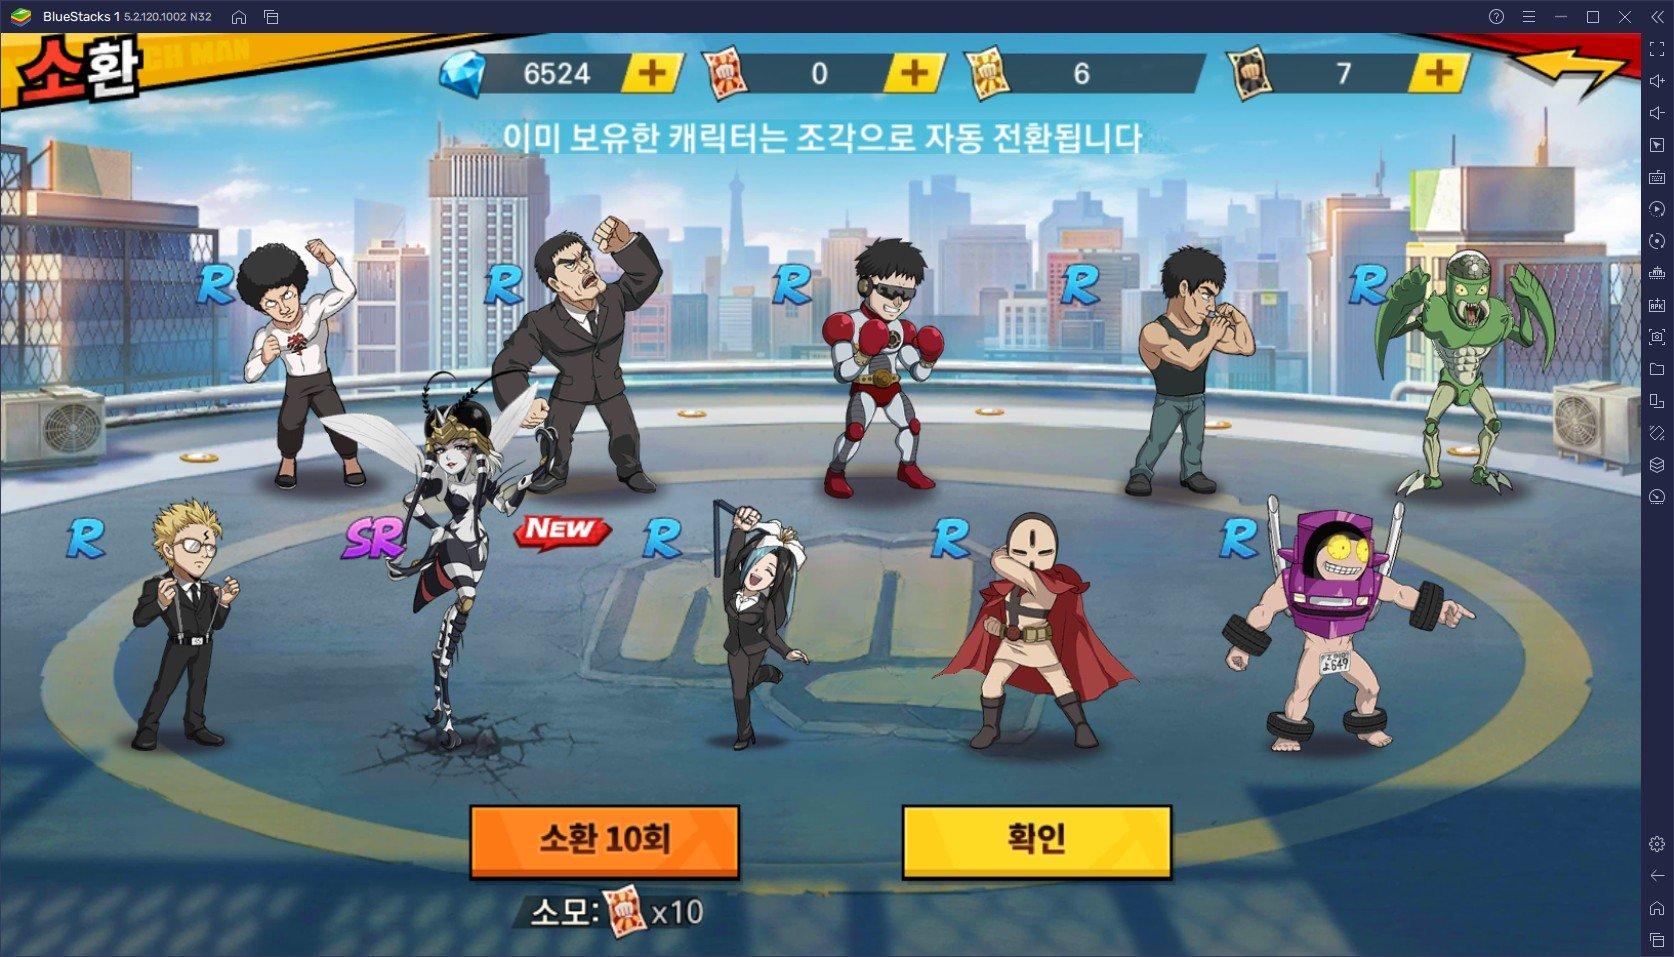 원펀맨 최강의 남자에 드디어 좀비맨 등장, 새롭게 등장한 핵심 캐릭터를 블루스택에서 확인해보세요!